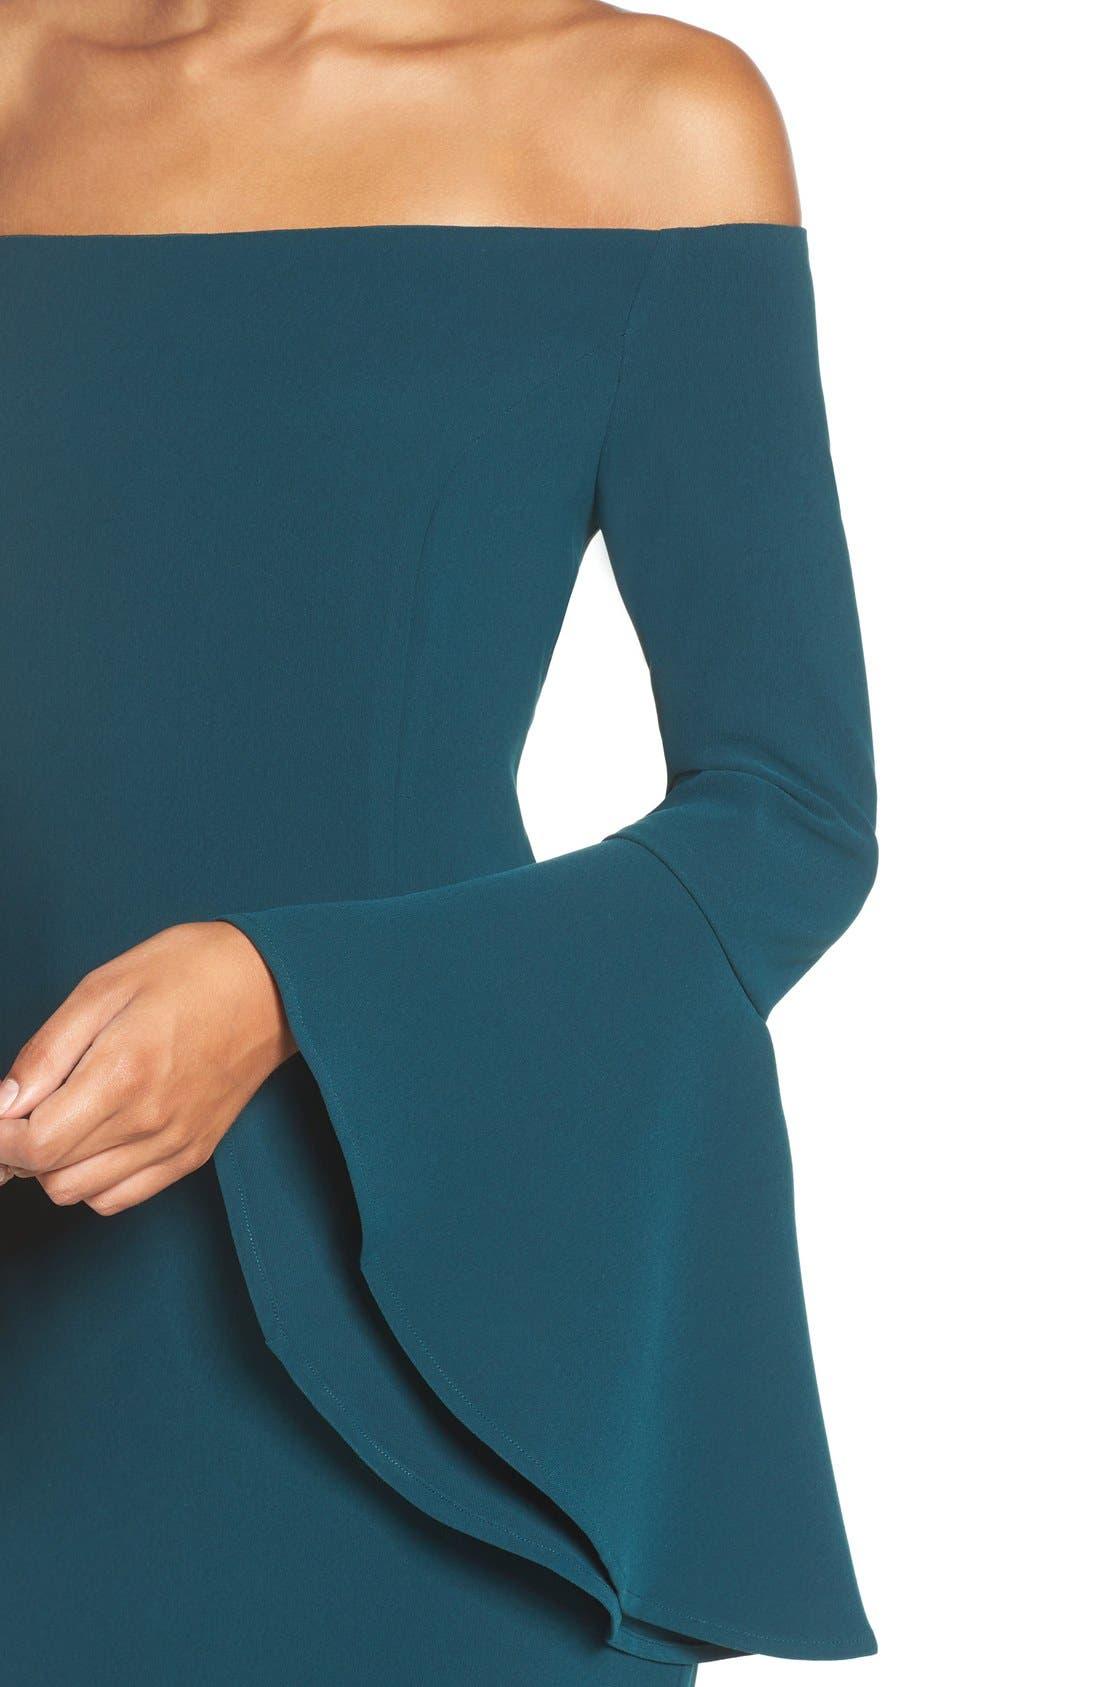 'Solange' Off the Shoulder Midi Dress,                             Alternate thumbnail 5, color,                             Teal